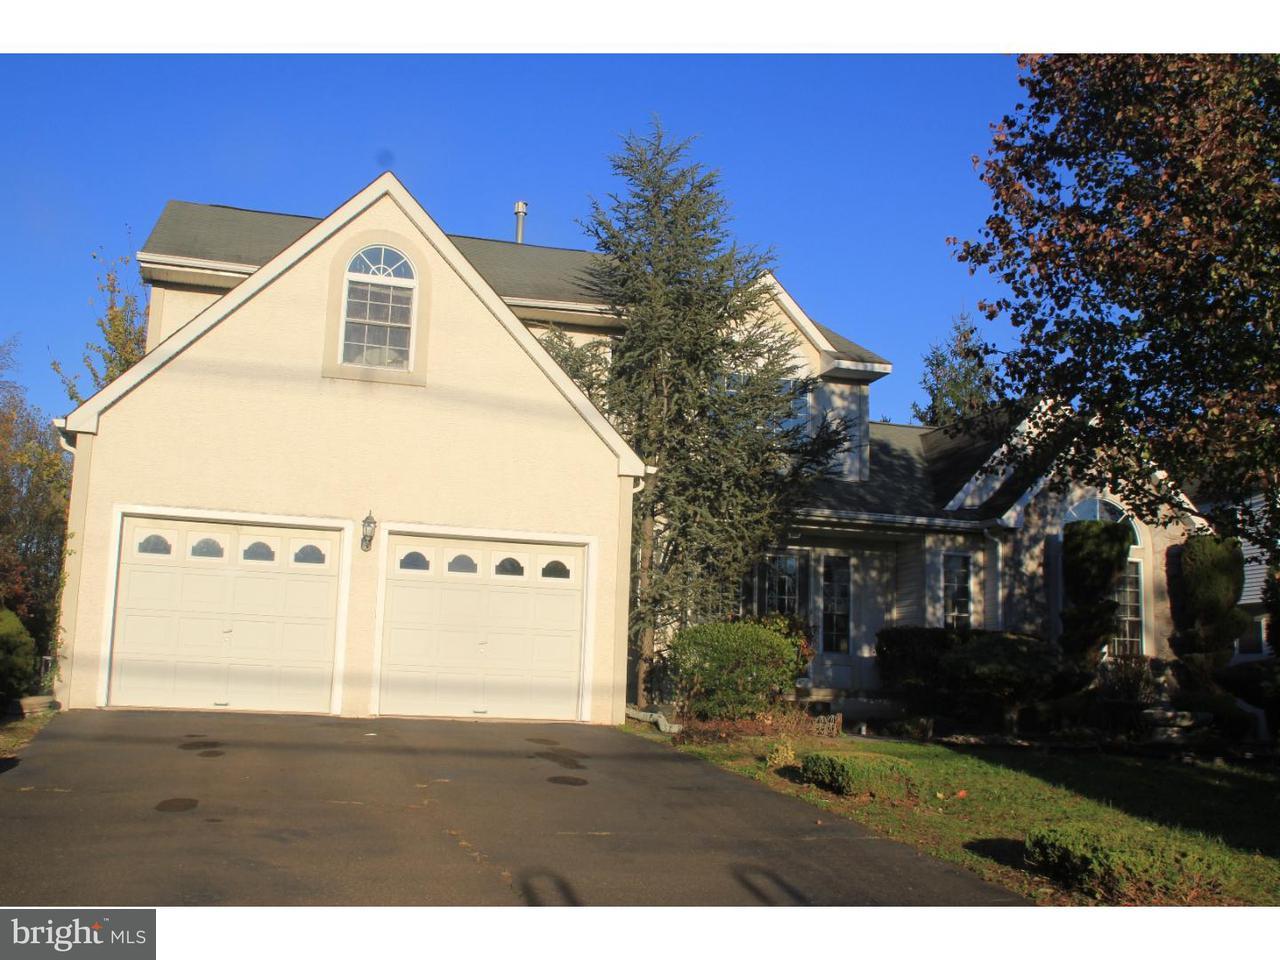 Maison unifamiliale pour l à louer à 10 OLD NEW Road Monmouth Junction, New Jersey 08852 États-UnisDans/Autour: South Brunswick Township